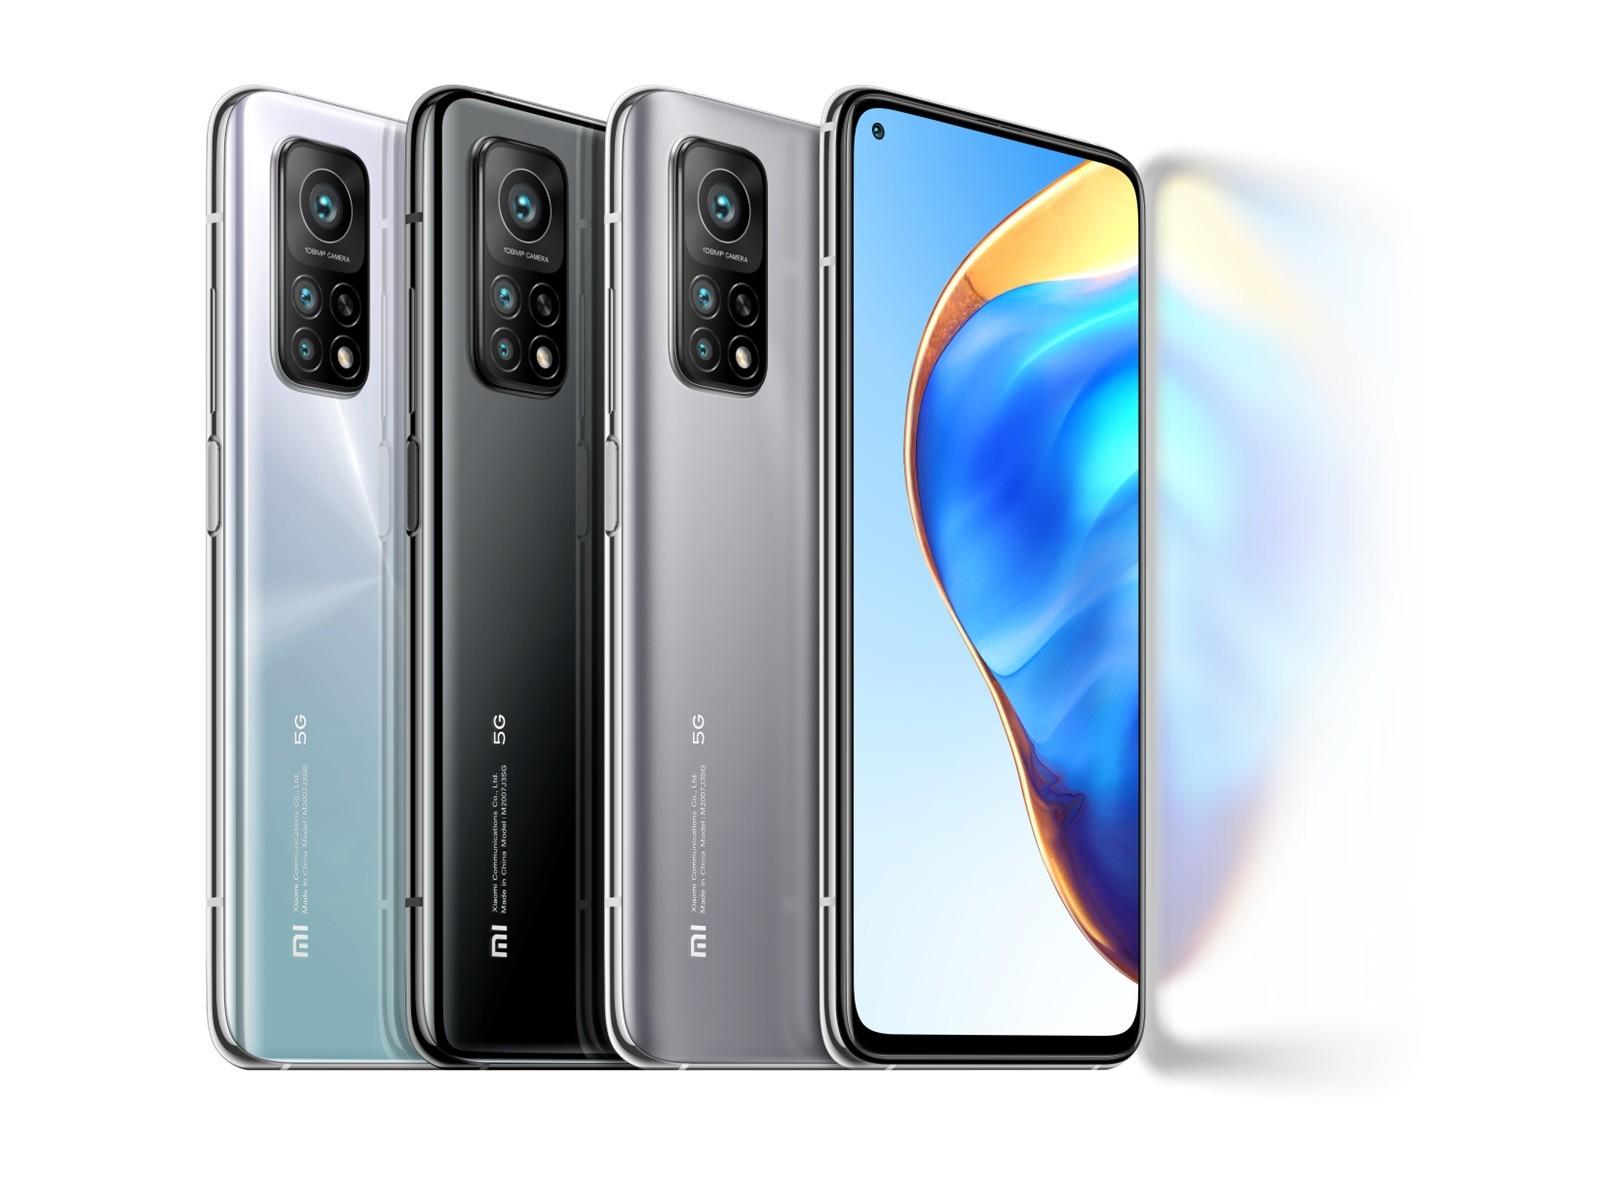 Povpraševanje po telefonih podjetja Xiaomi narašča z vrtoglavo hitrostjo.